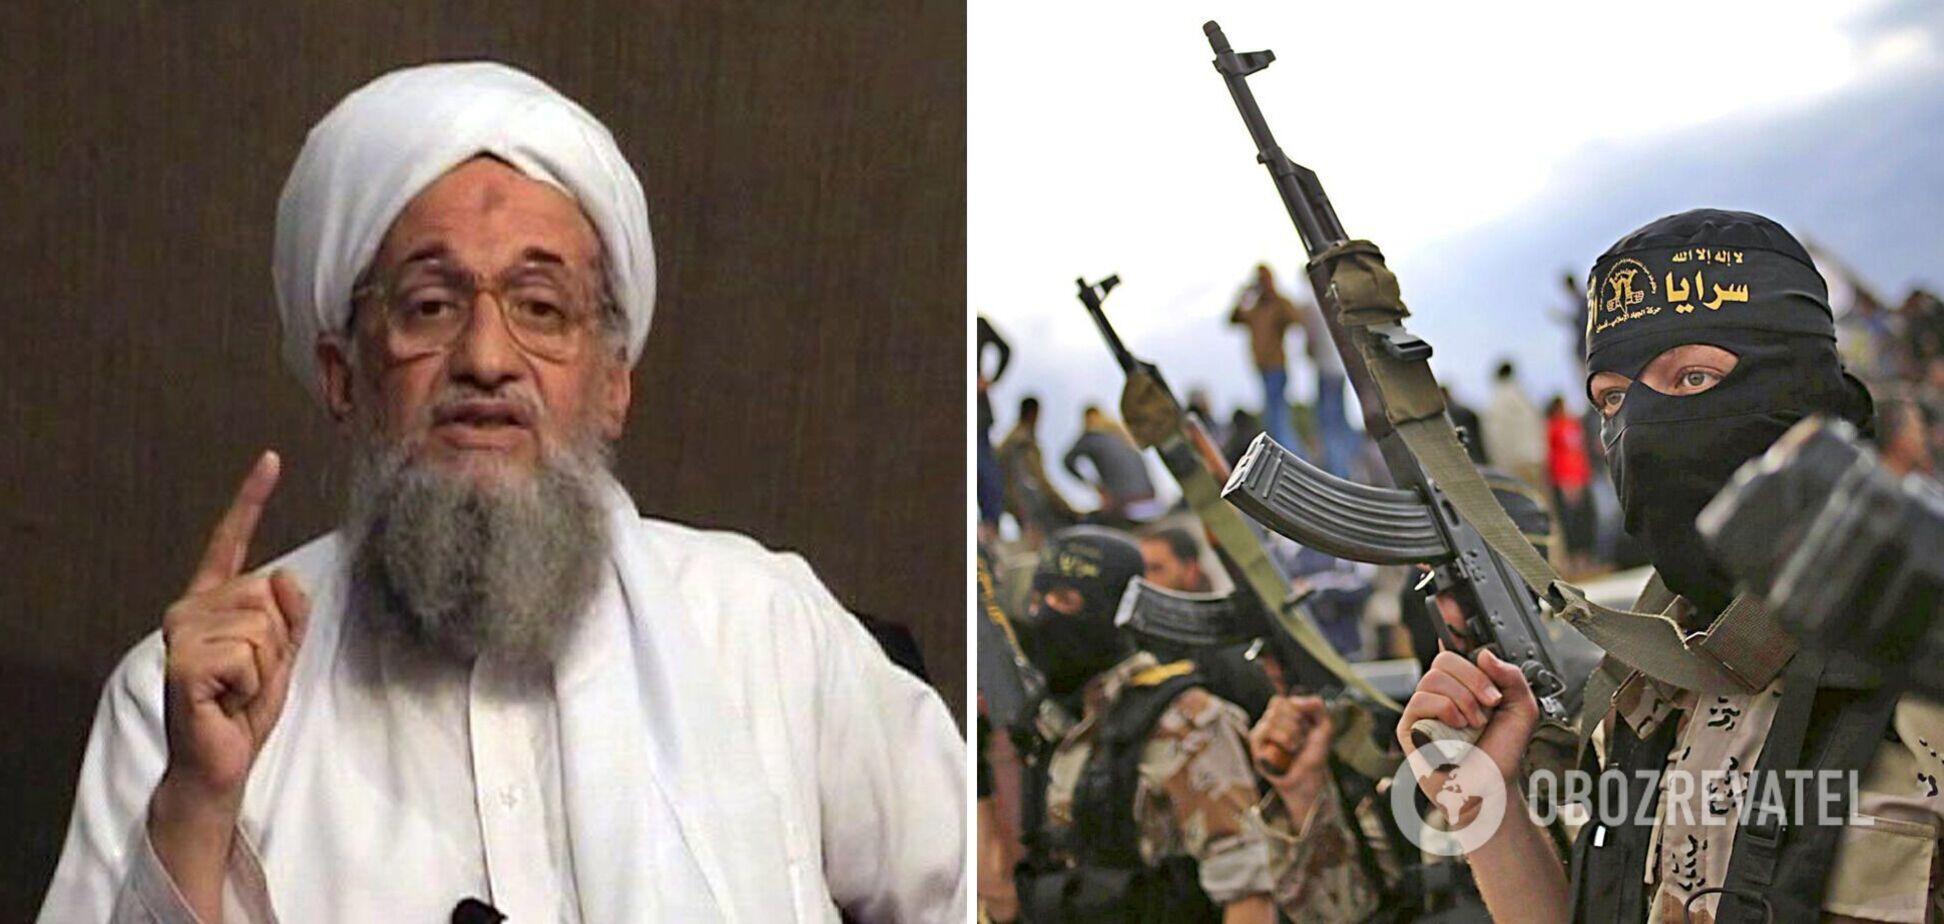 Лидер 'Аль-Каиды' появился на видео после слухов о его смерти и упомянул вывод войск США из Афганистана